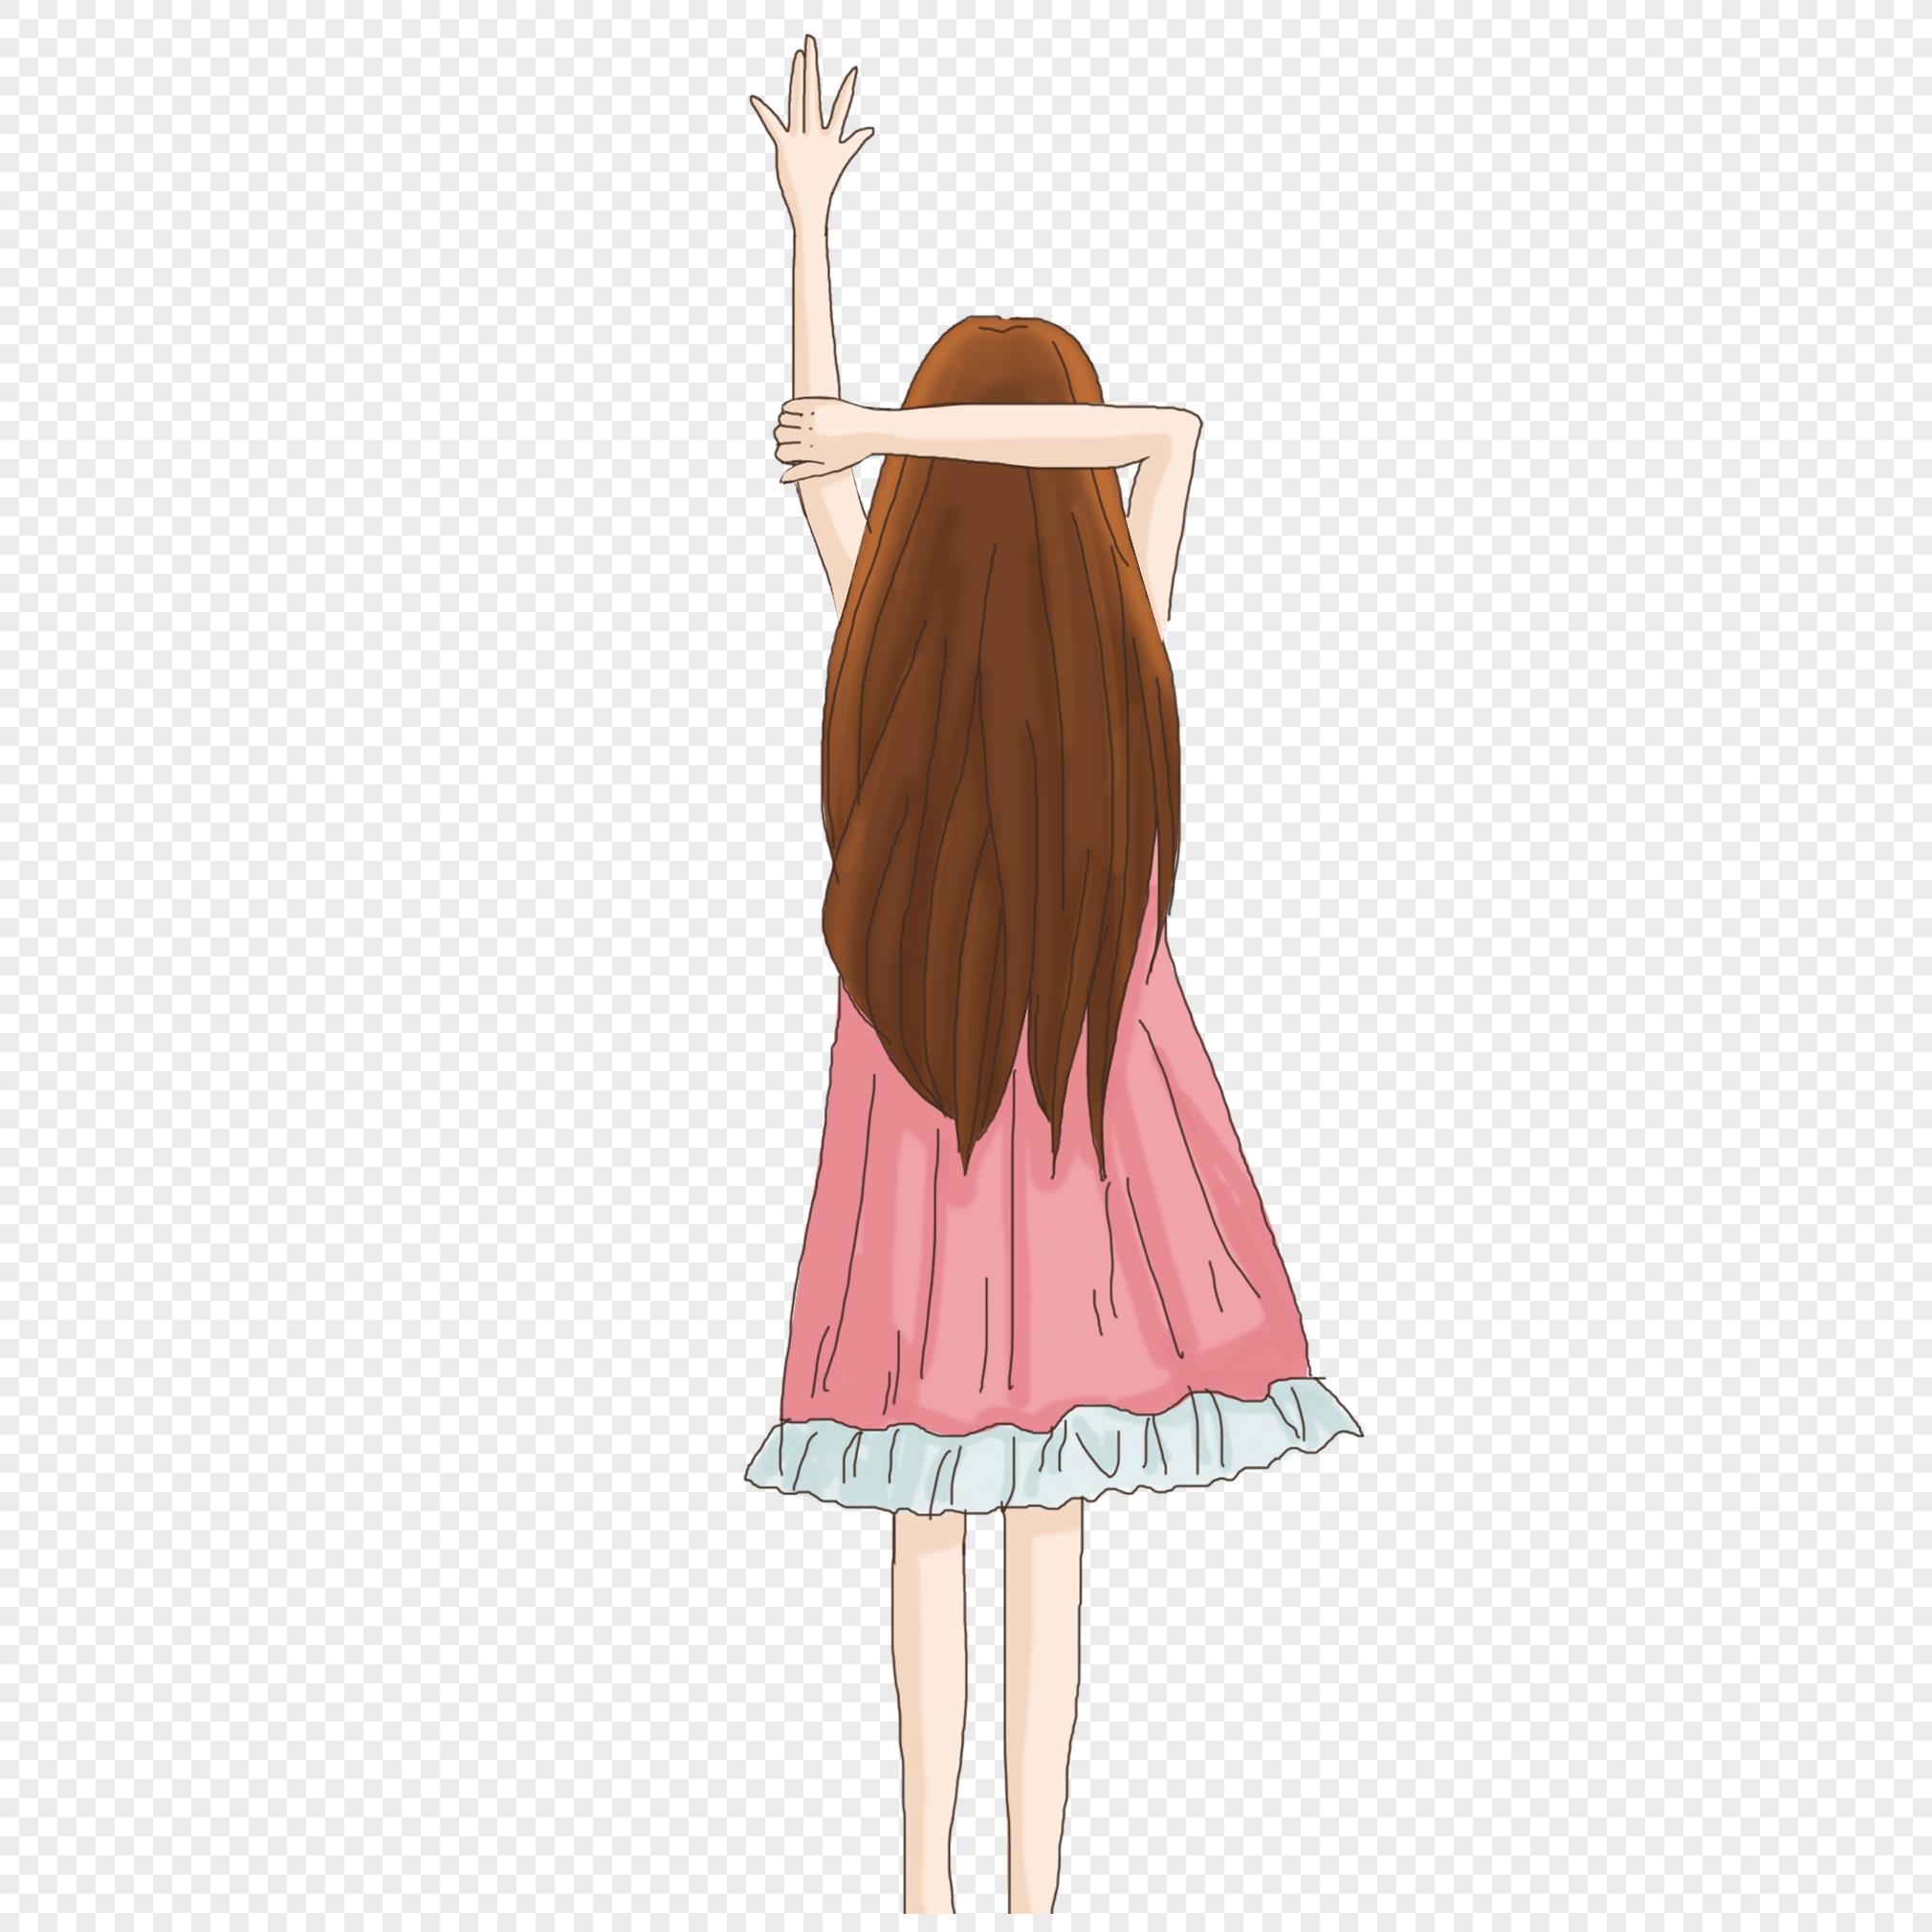 手绘/卡通元素 穿粉色裙子的女孩.